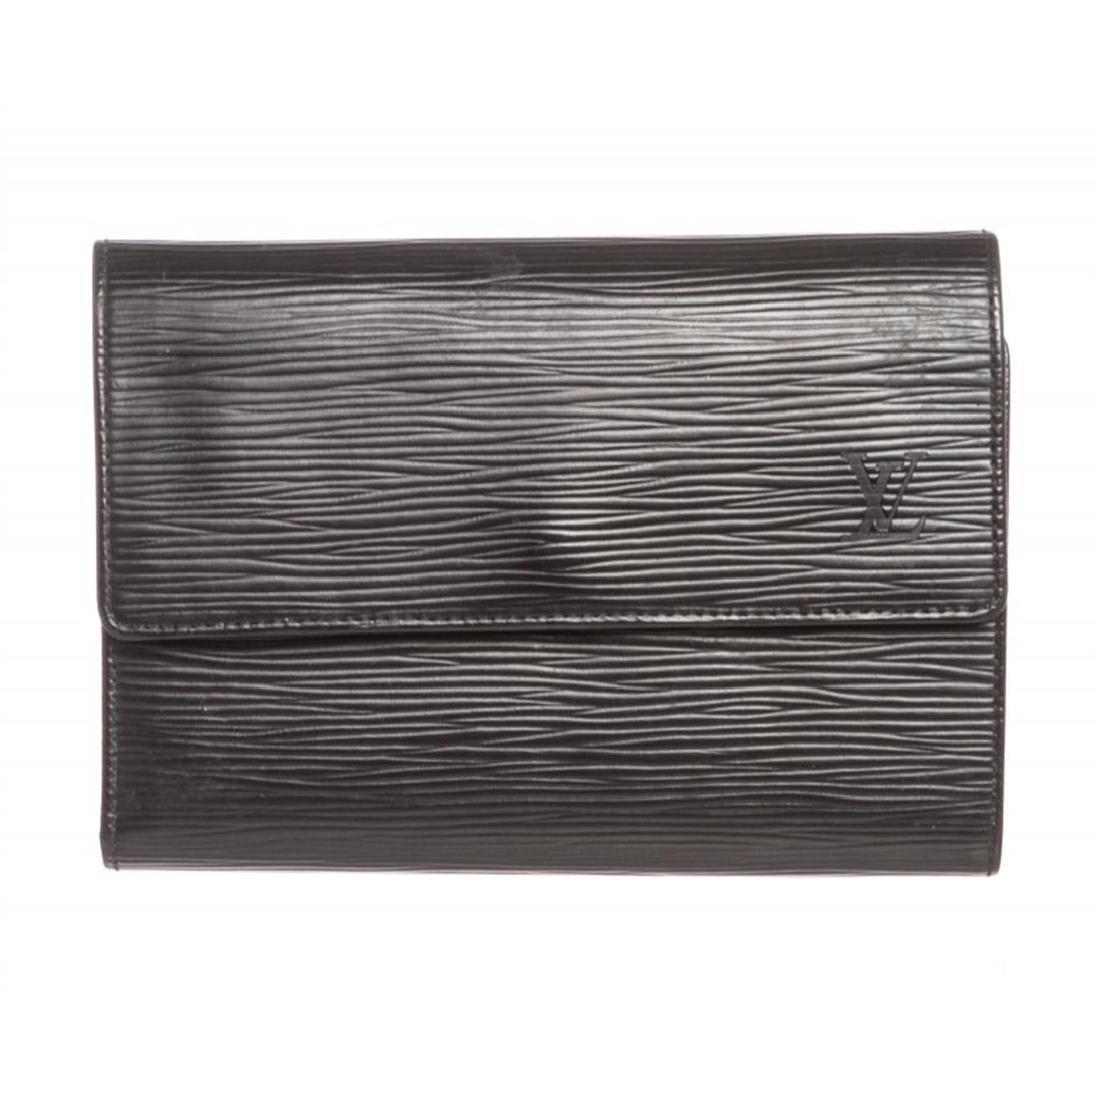 Louis Vuitton Black Epi Leather Porte Tresor